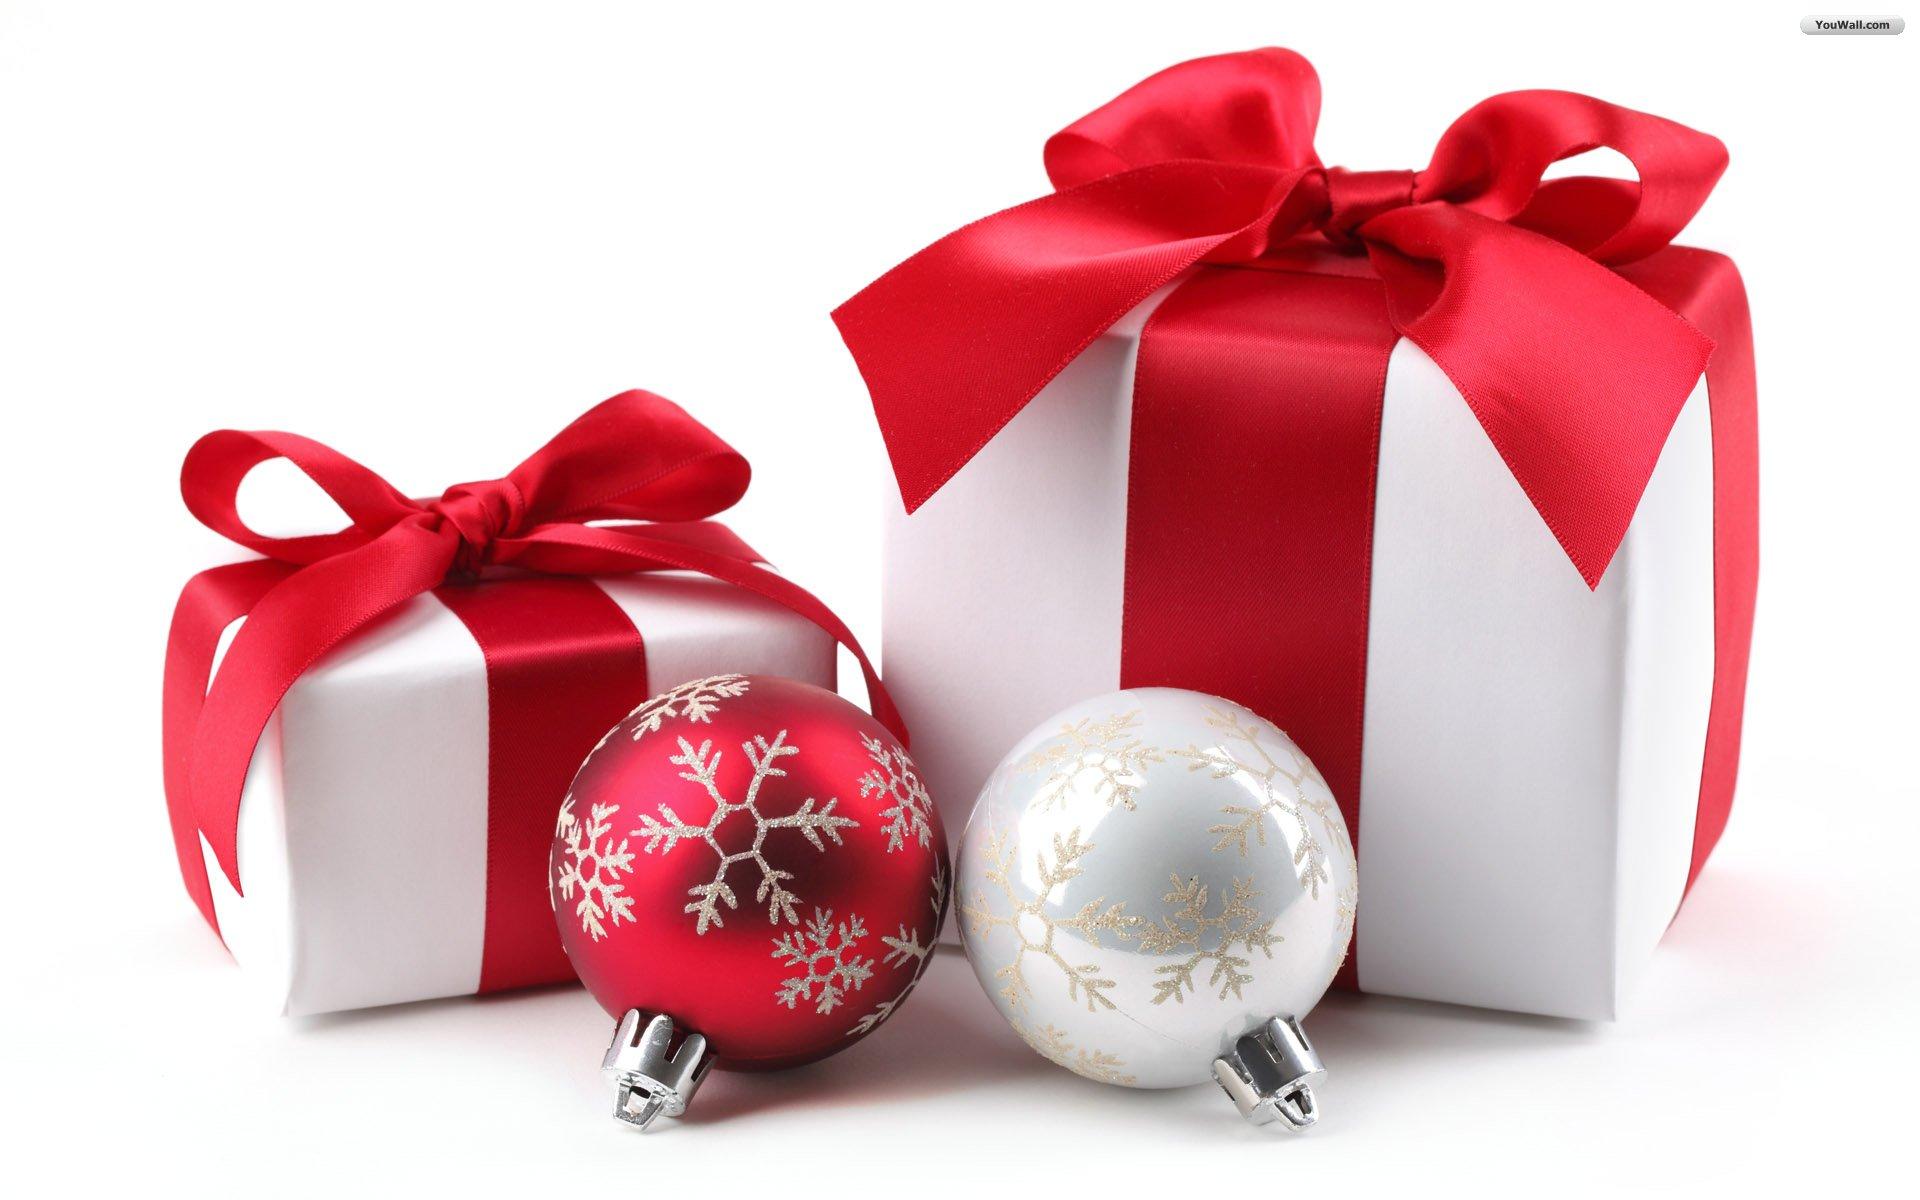 Christmas Gift Giving Tradition Origin Christmas gift ...